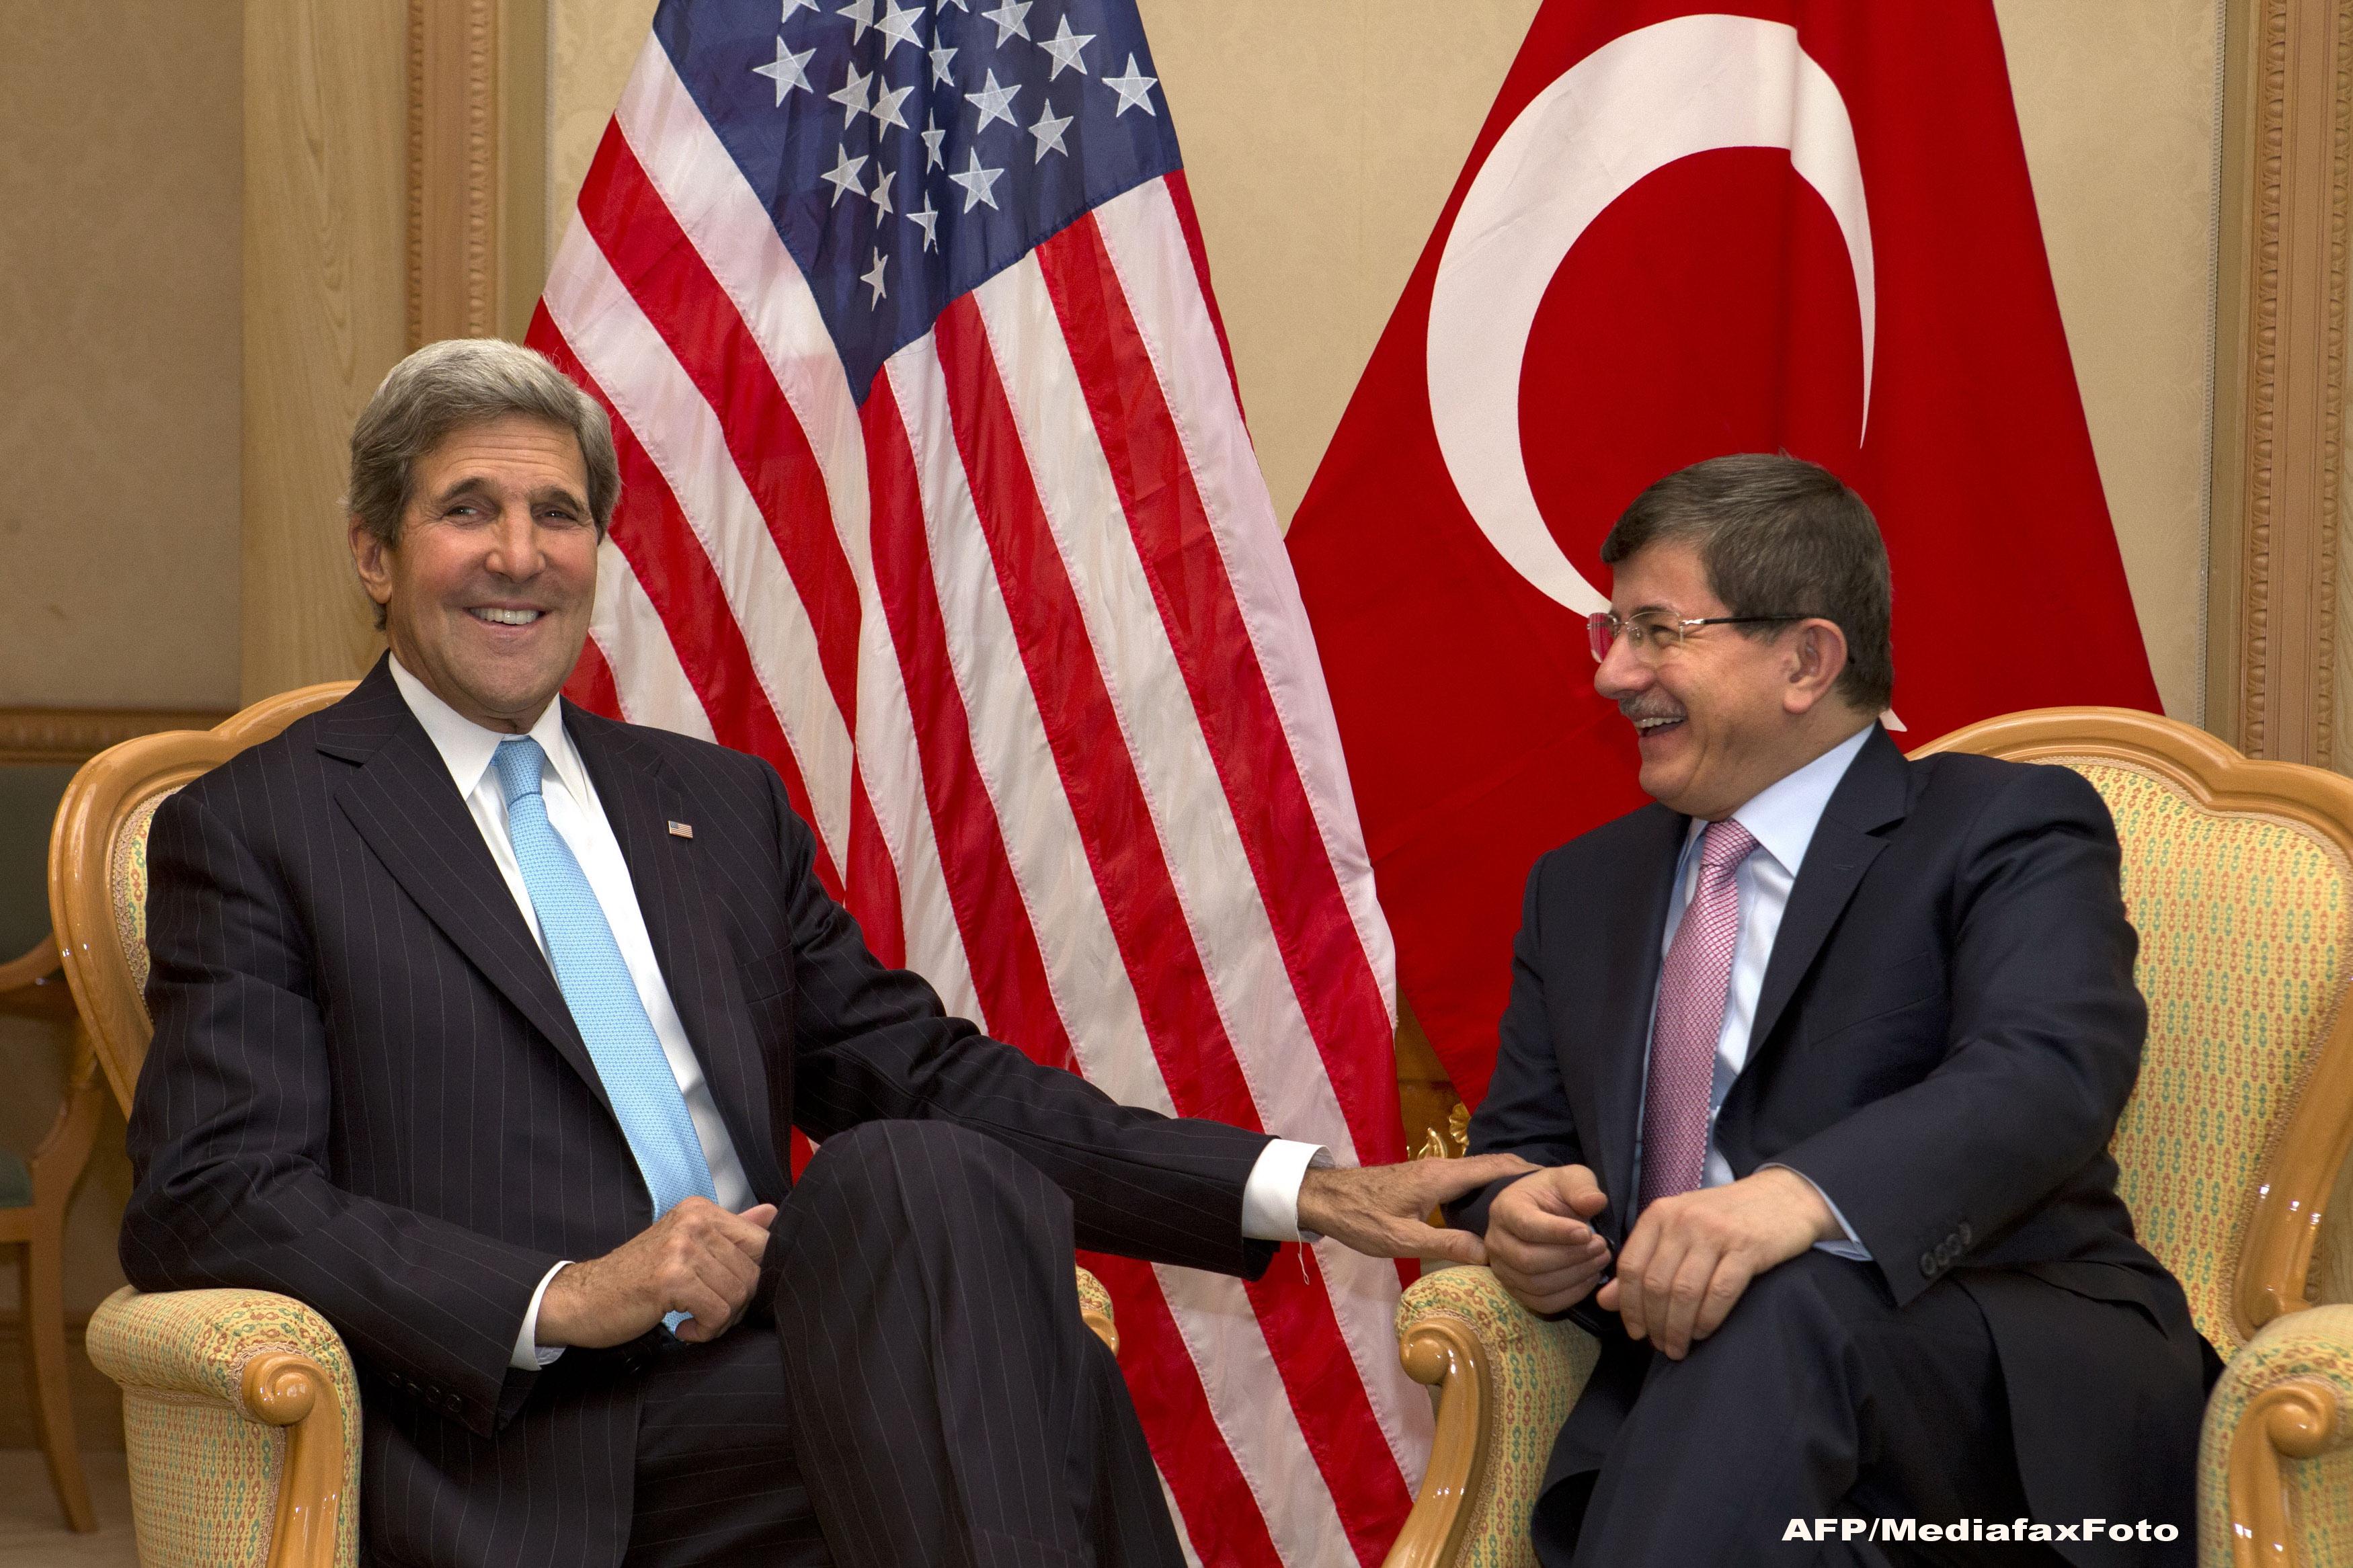 Americanii se declara ingrijorati din cauza scandalul de coruptie fara precedent din Turcia